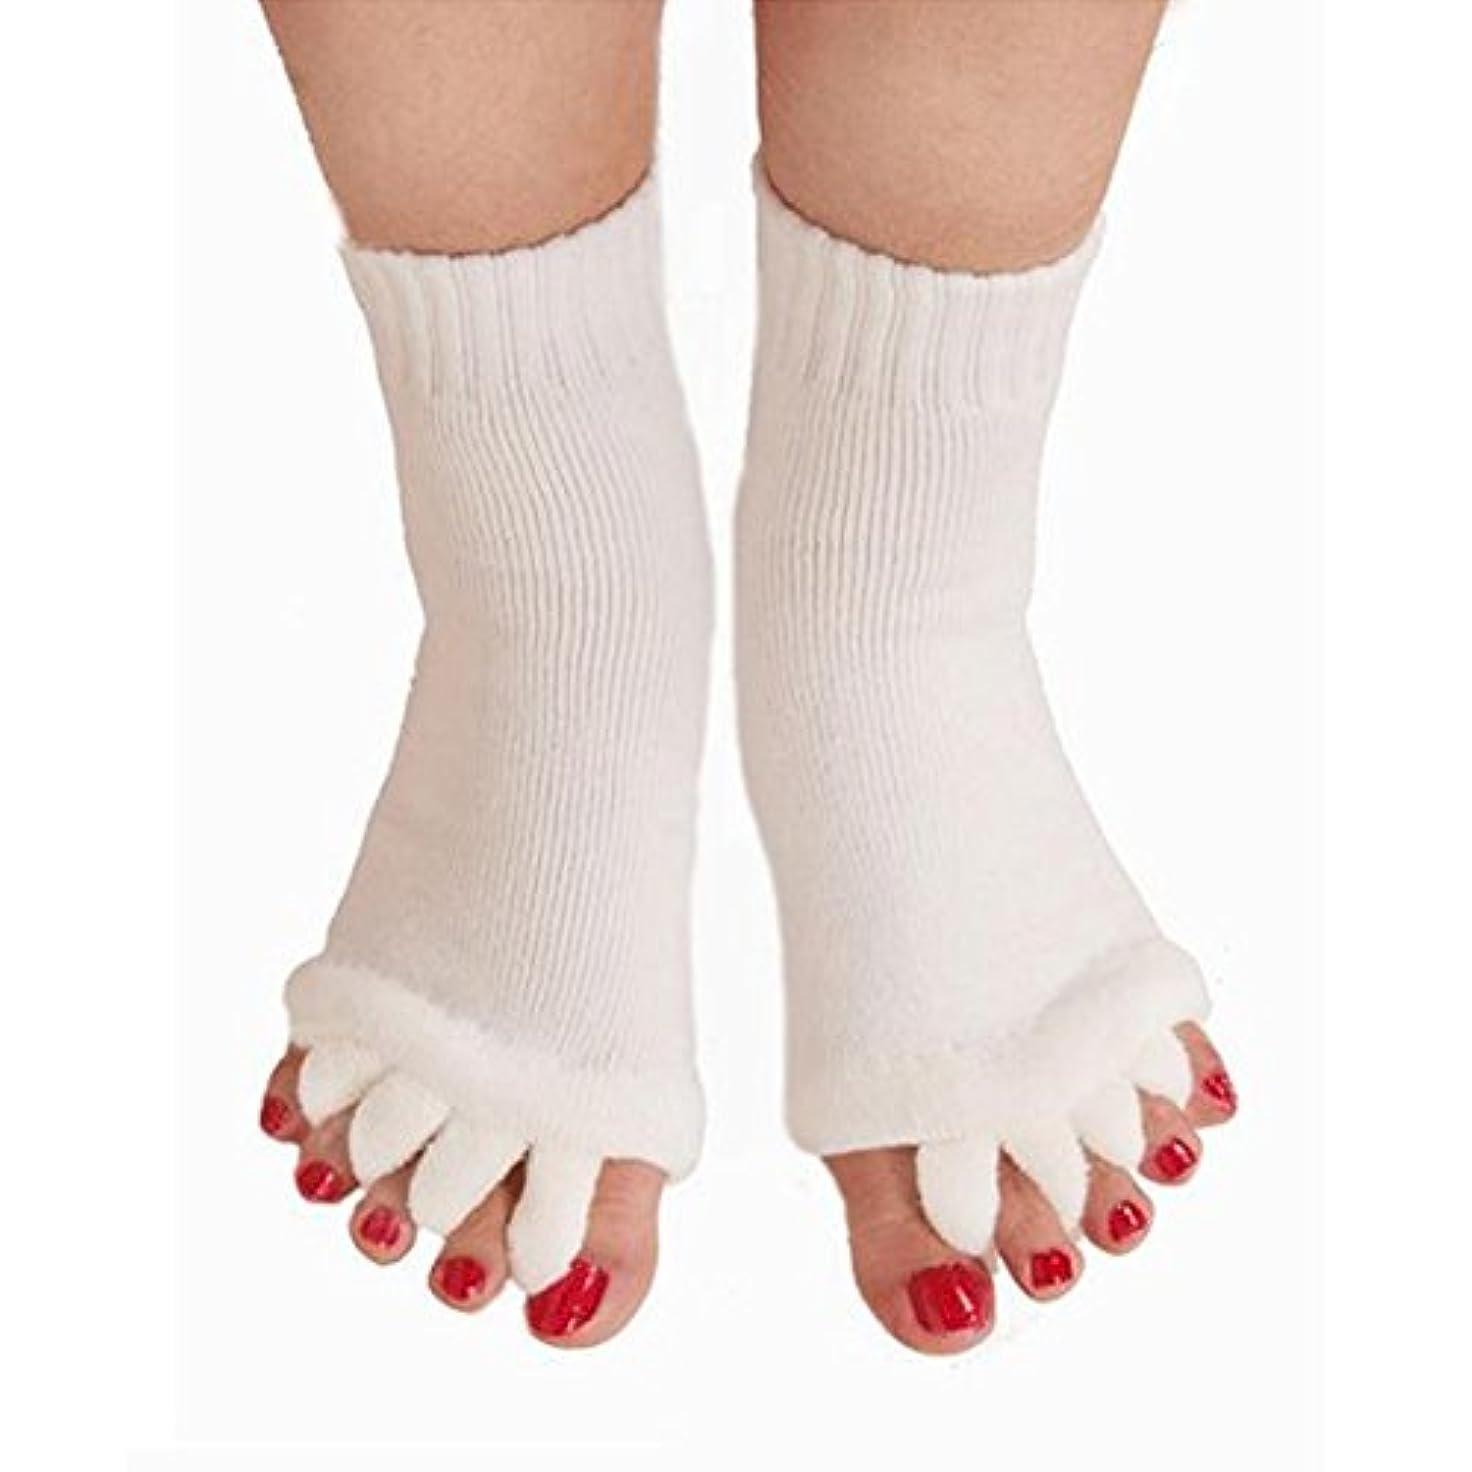 5本指 ソックス 靴下 足指全開 スリーピングソックス 足指ケア 痛みを軽減する 外反母趾 偏平足対策 ヨガウェア 美脚 就寝時用 快眠 むくみ解消 ホワイト 1ペア